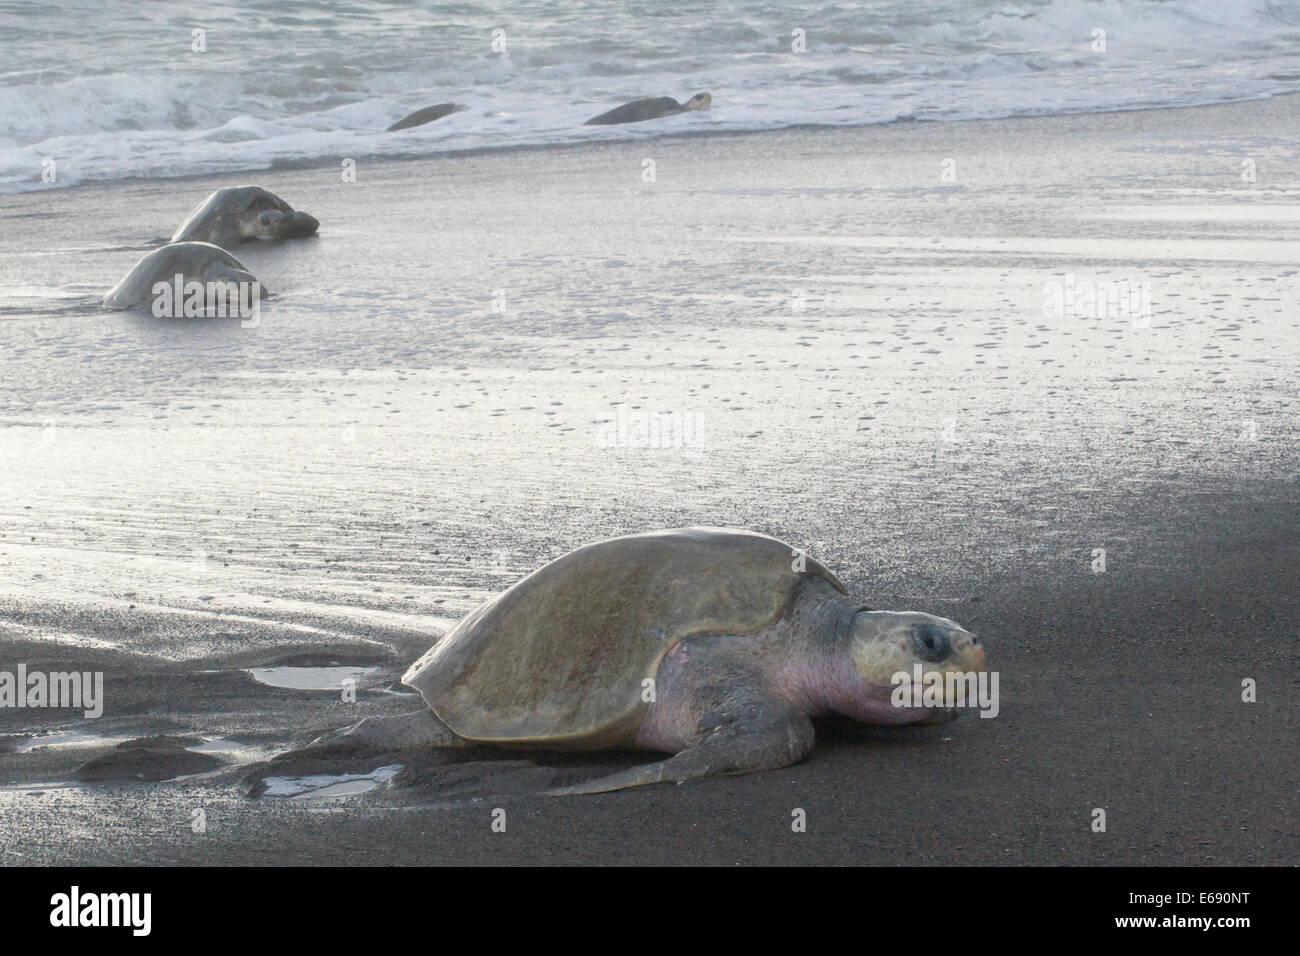 Grupo de mujeres tortugas olive ridley, Lepidochelys olivacea, subir a la tierra para poner sus huevos; fotografiado Imagen De Stock